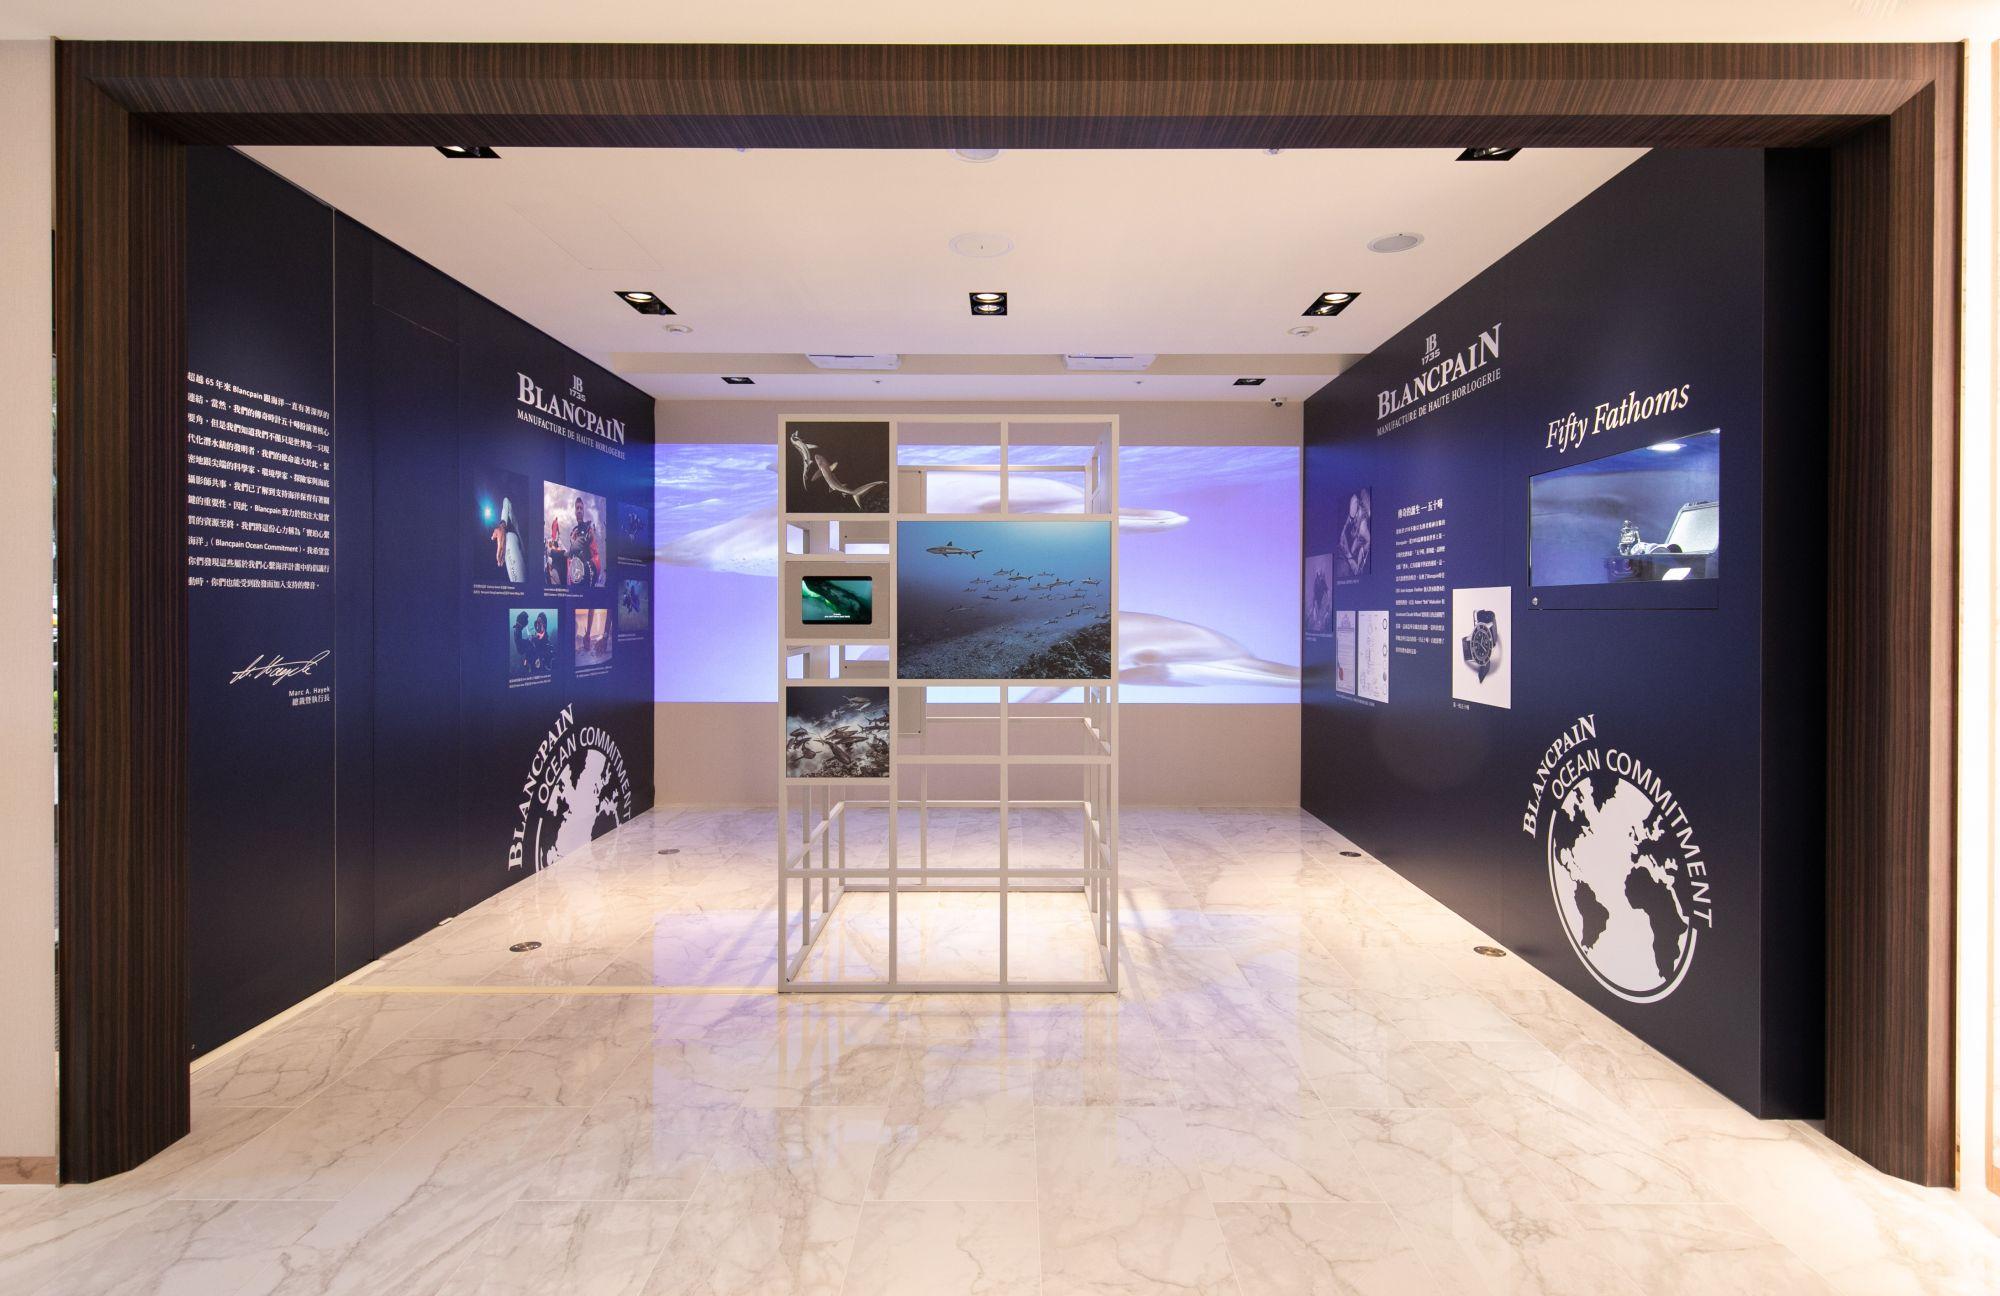 高登鐘錶台北老爺形象店正式揭幕! Blancpain寶珀心繫海洋首展登場